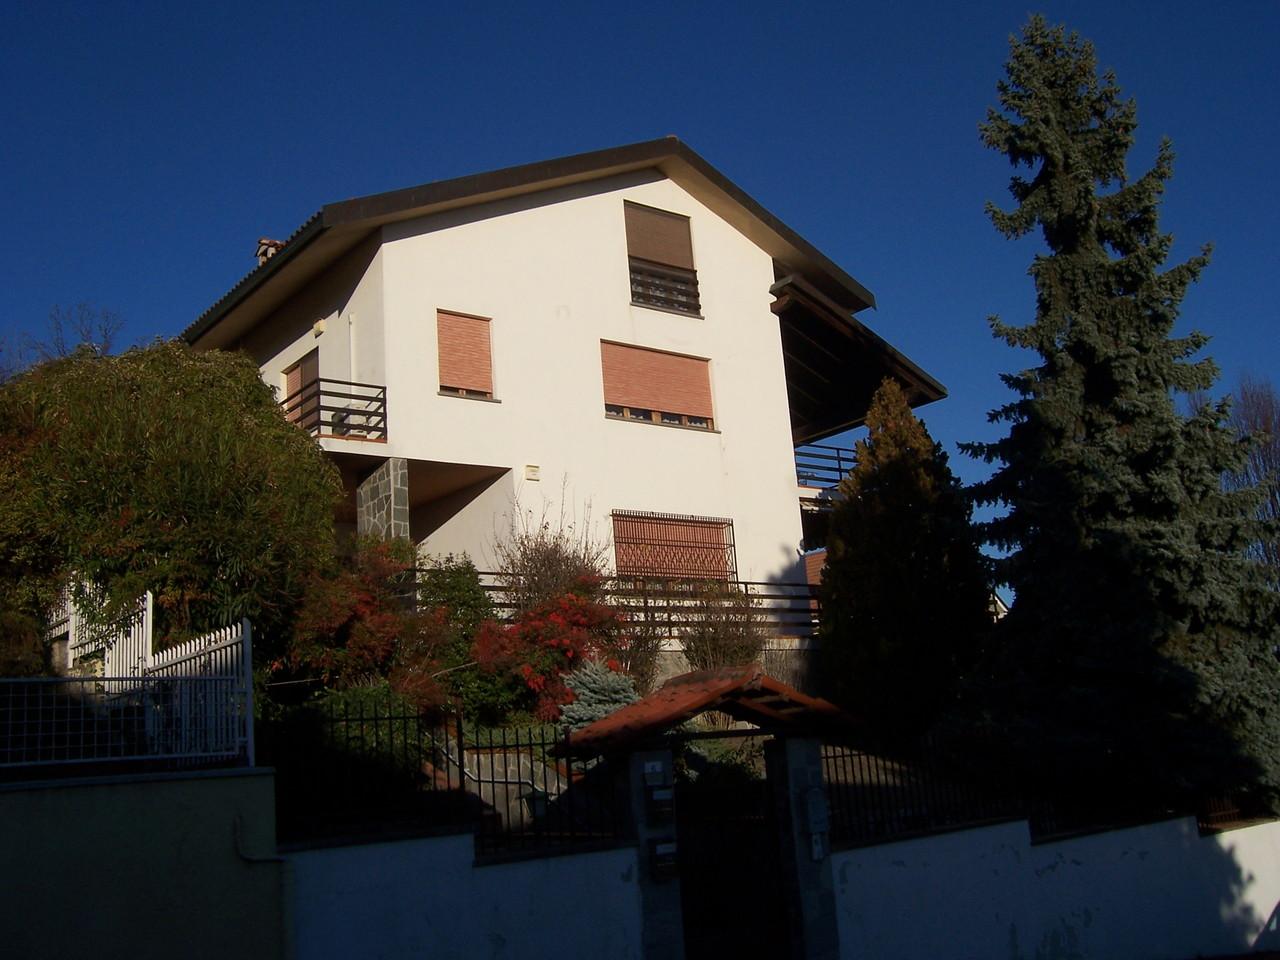 Agenzia Cellerino | Villa a Casale Monferrato (AL)